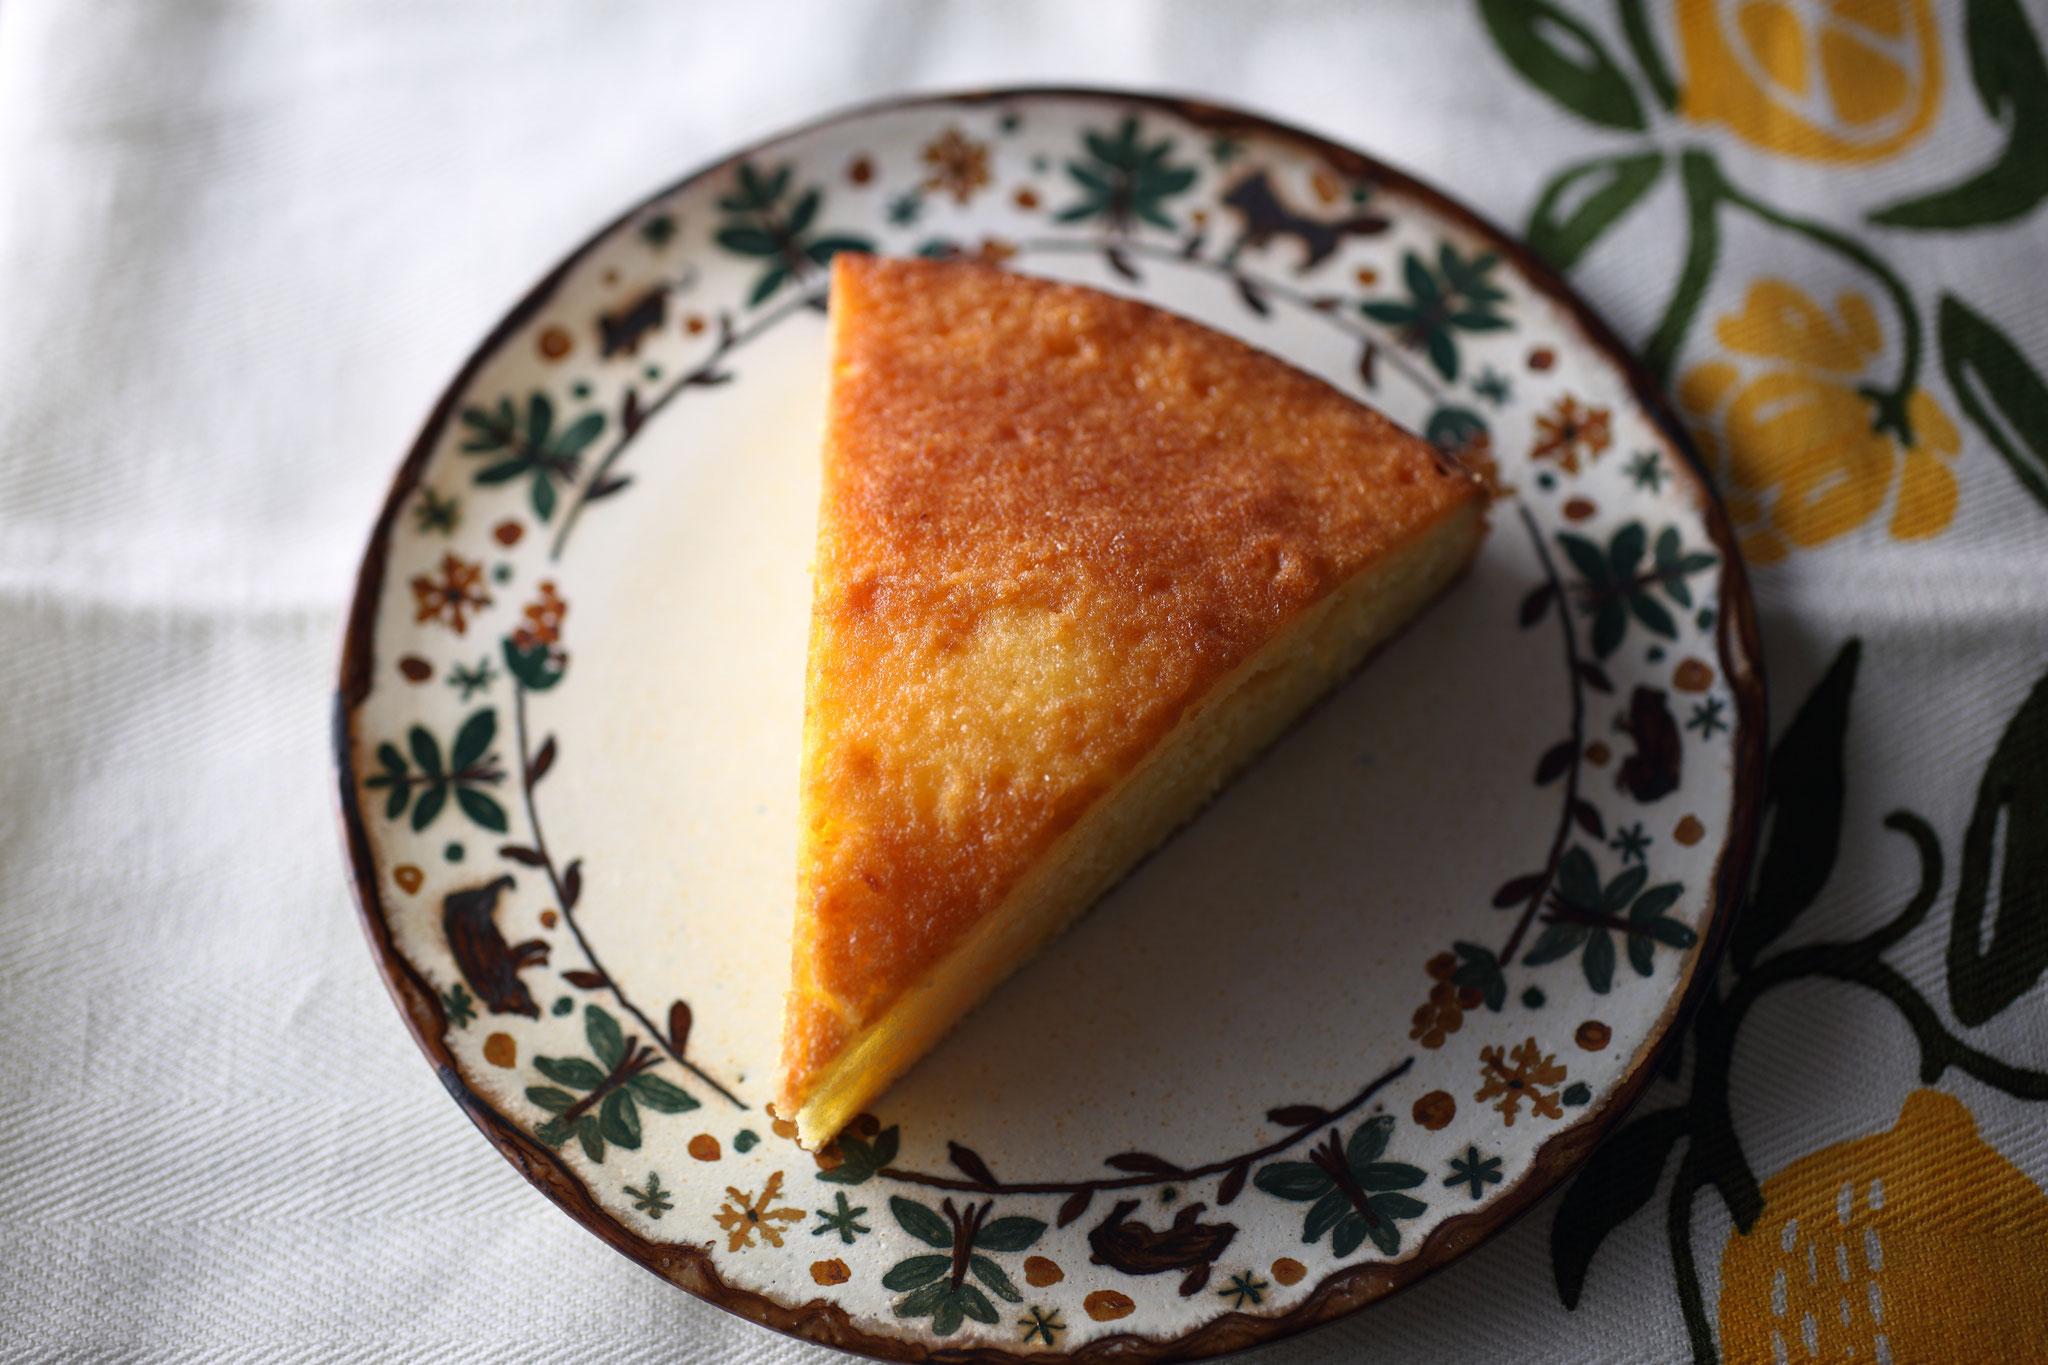 イギリスの郷土菓子「レモンドリズル」